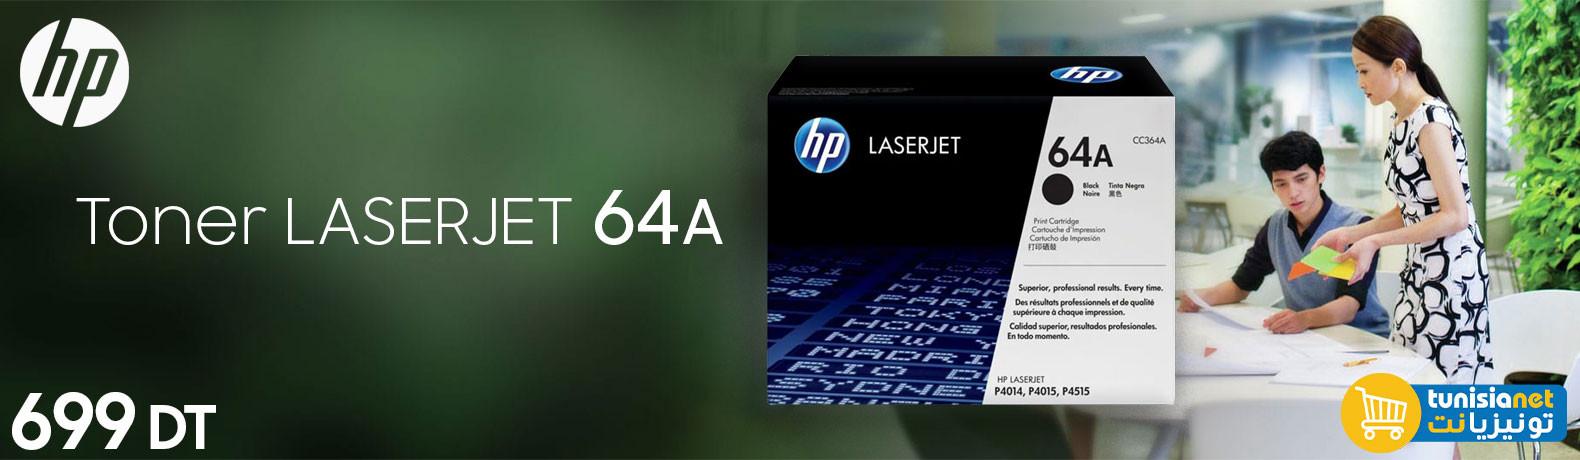 Toner HP Laser Tunisie